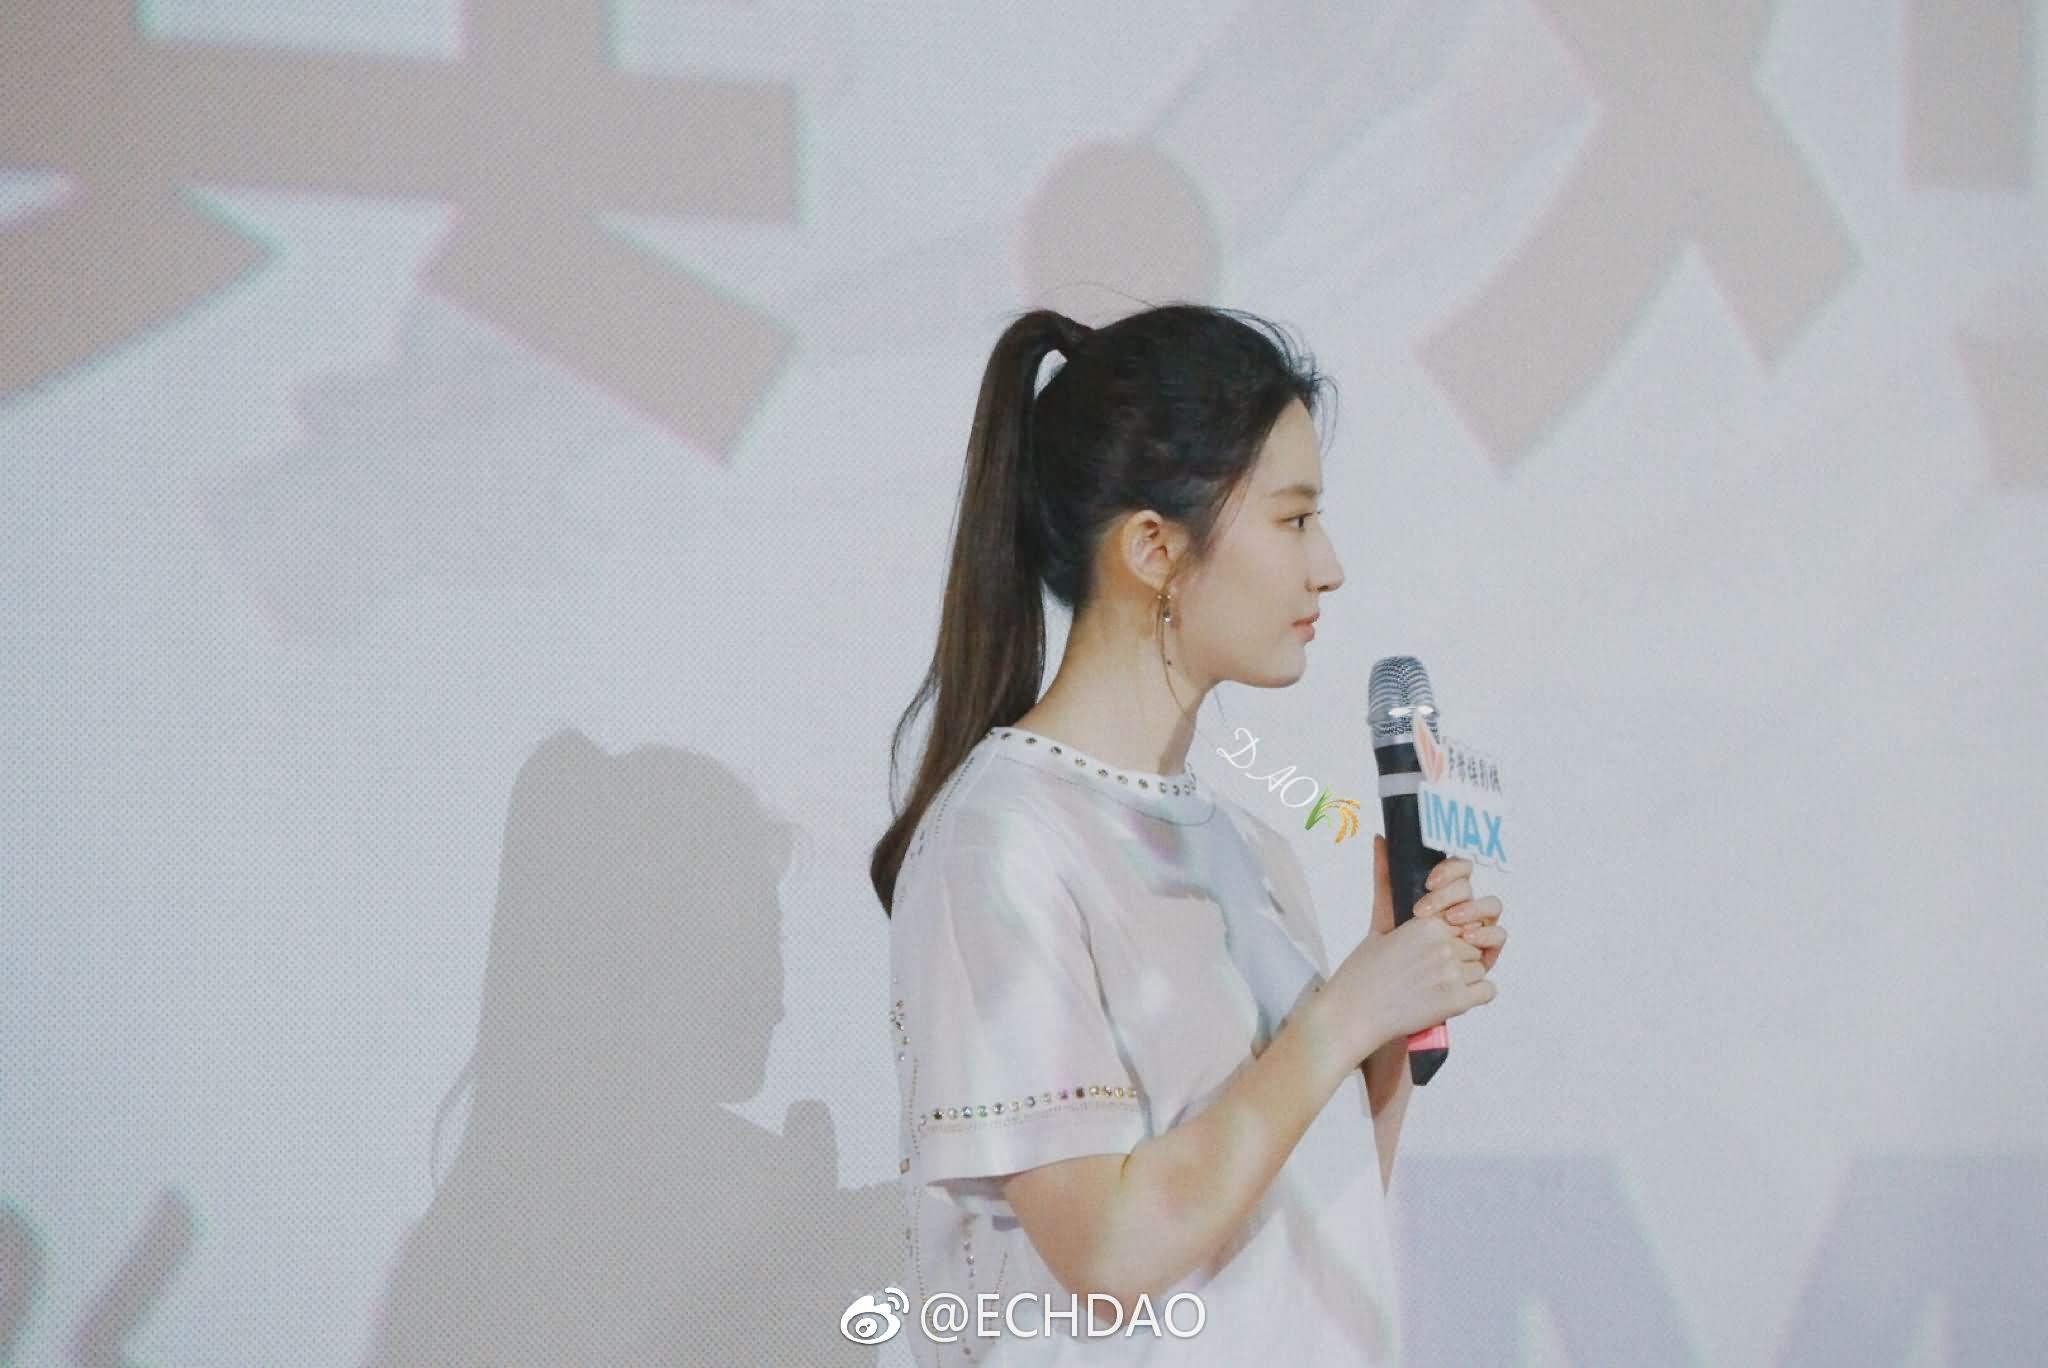 电影《三生三世十里桃花》重庆路演活动现场照片